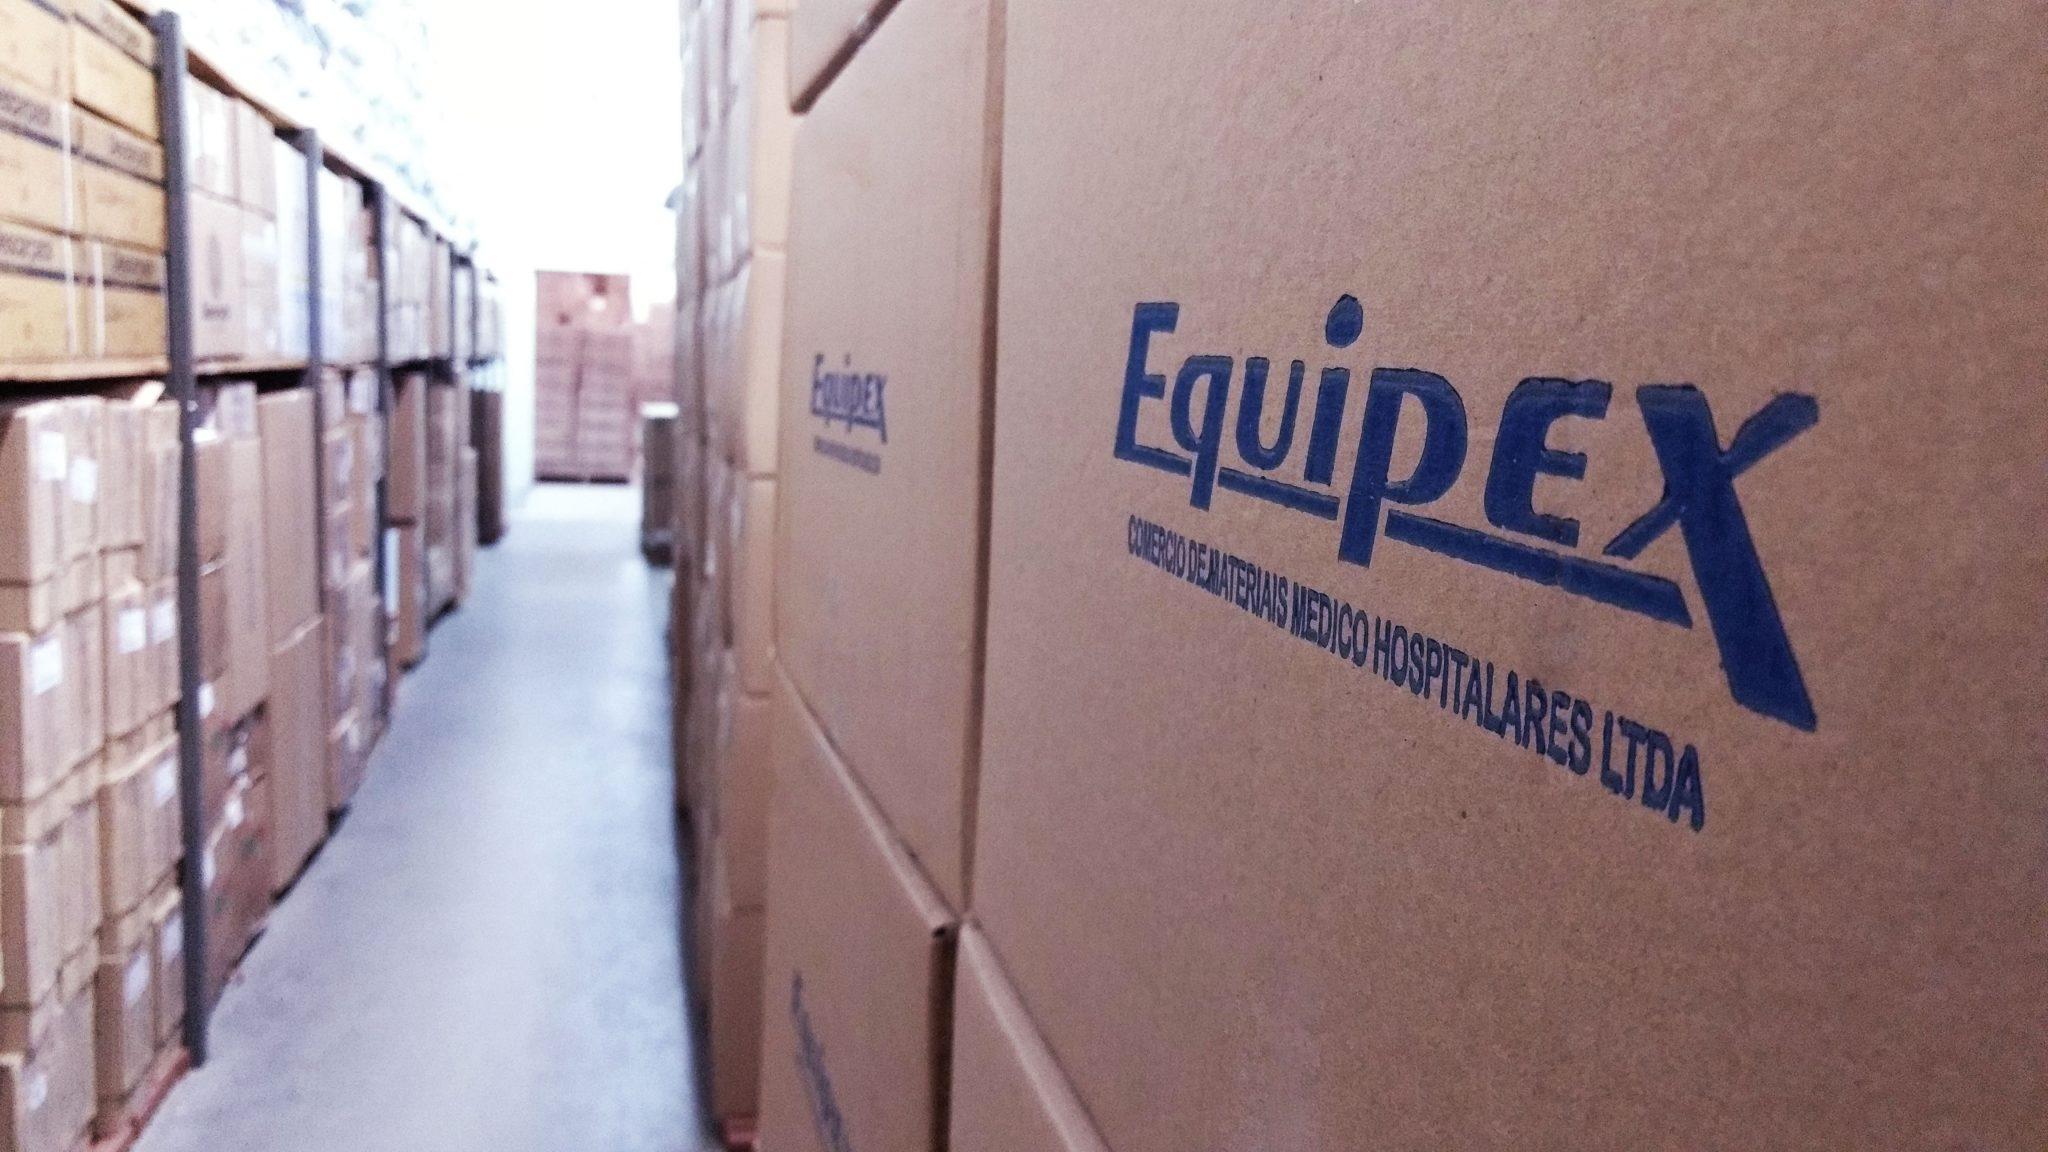 estoque equipex hospitalar de materiais hospitalares caixas empilhadas